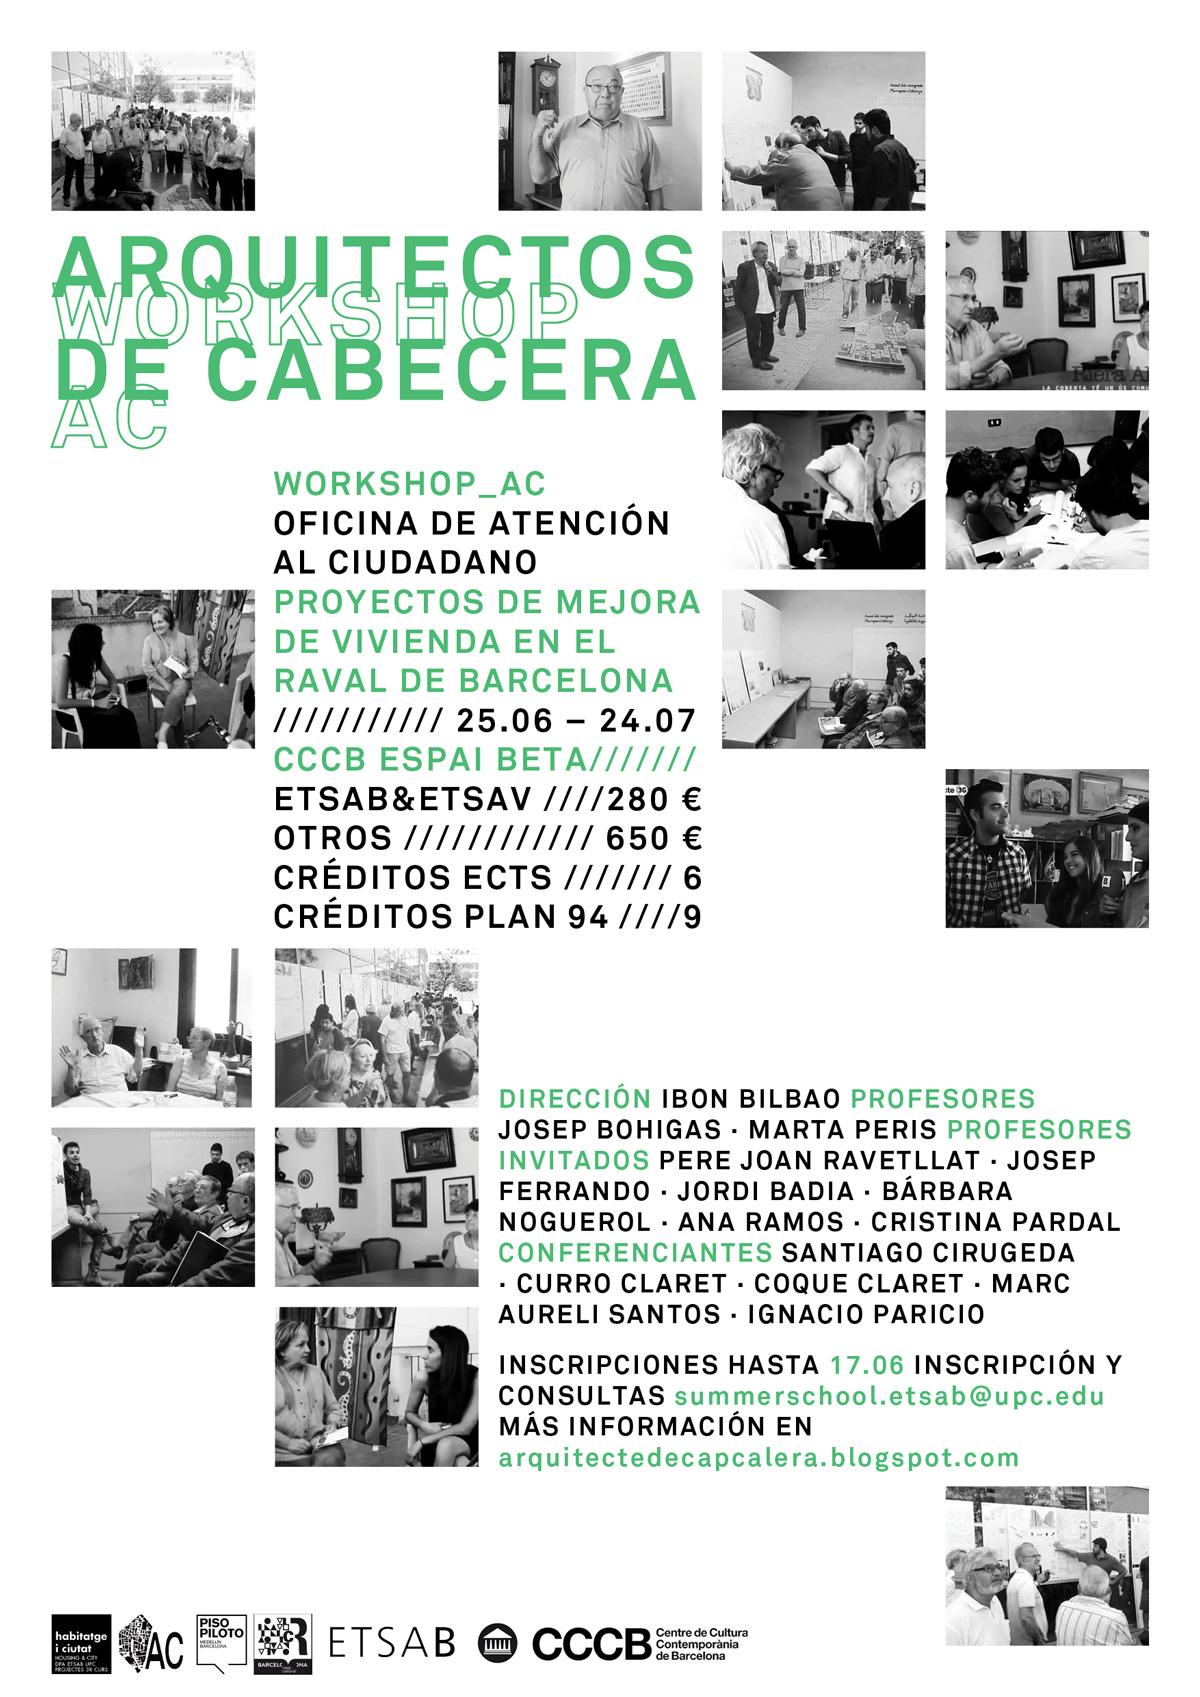 Workshop arquitectos de cabecera oficina de atenci n al for Oficina atencion al ciudadano